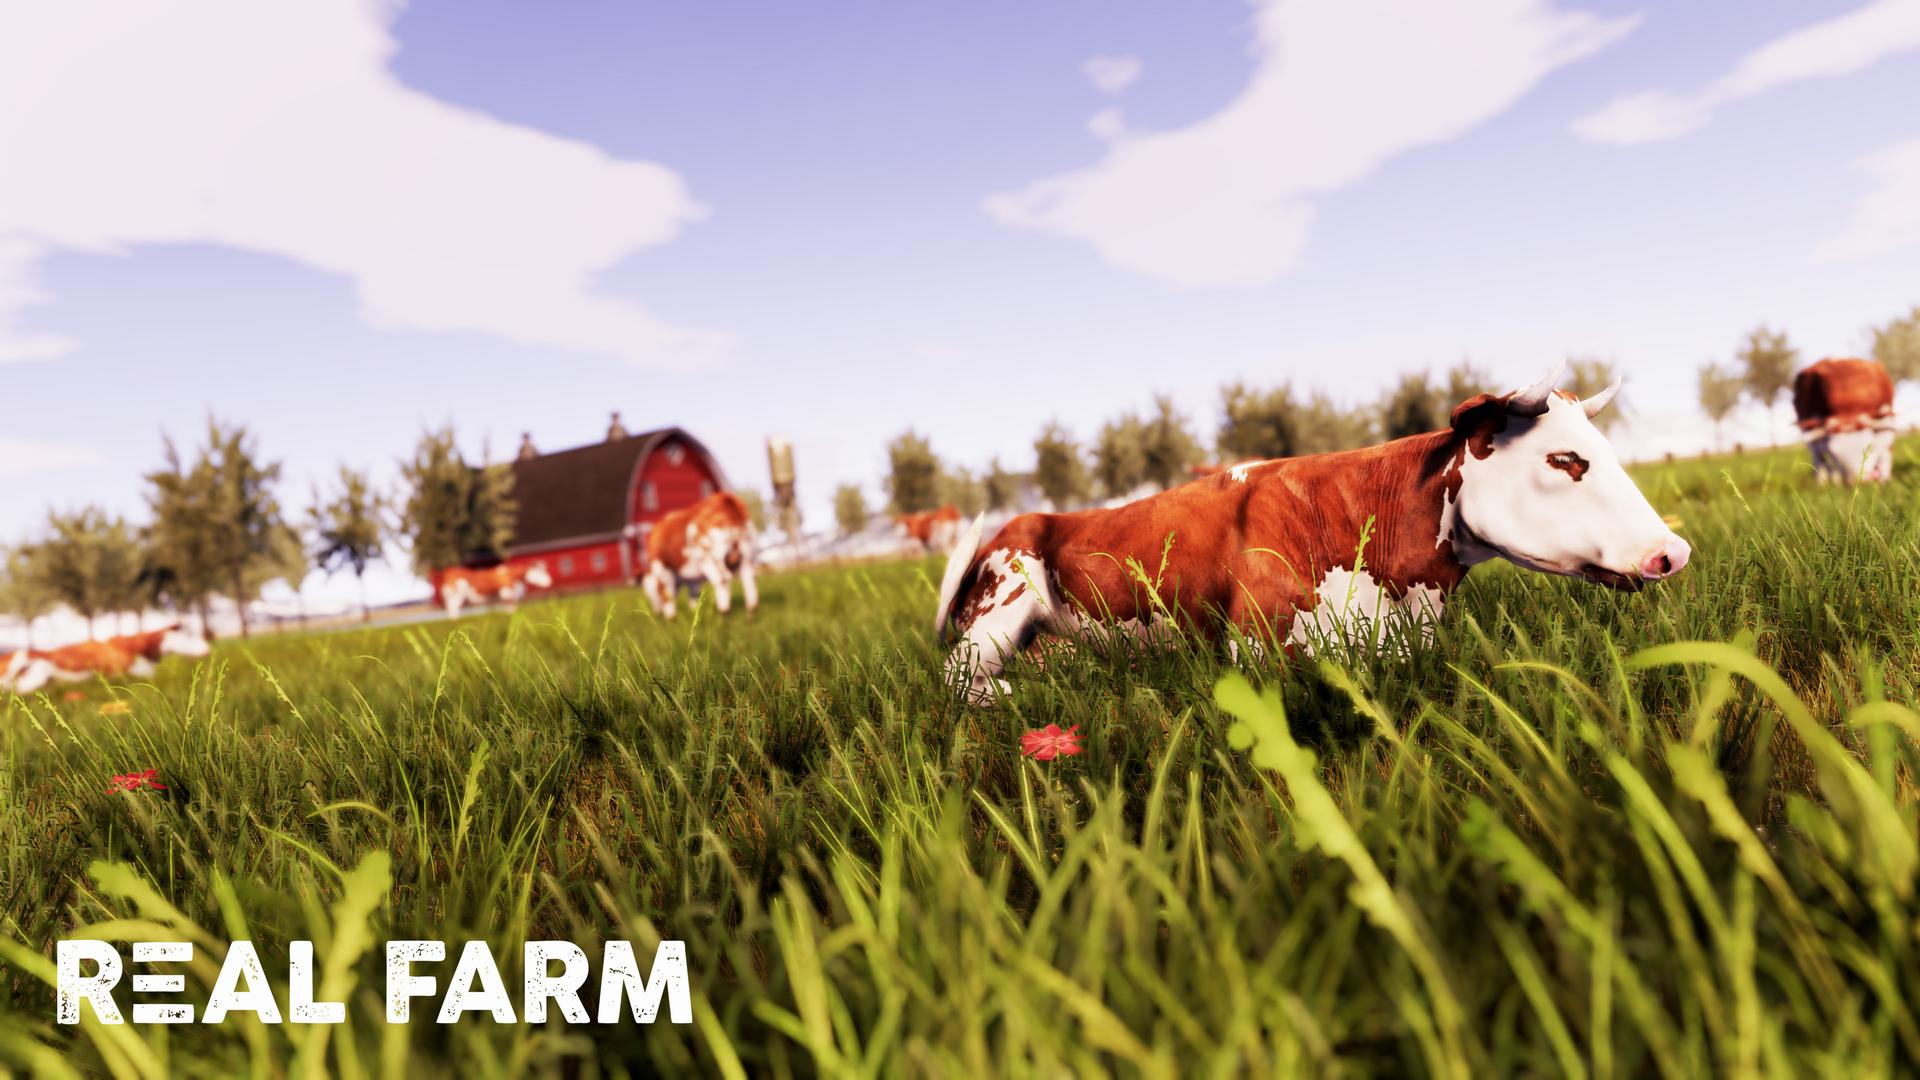 Výzva na venkově v Real Farm 149638